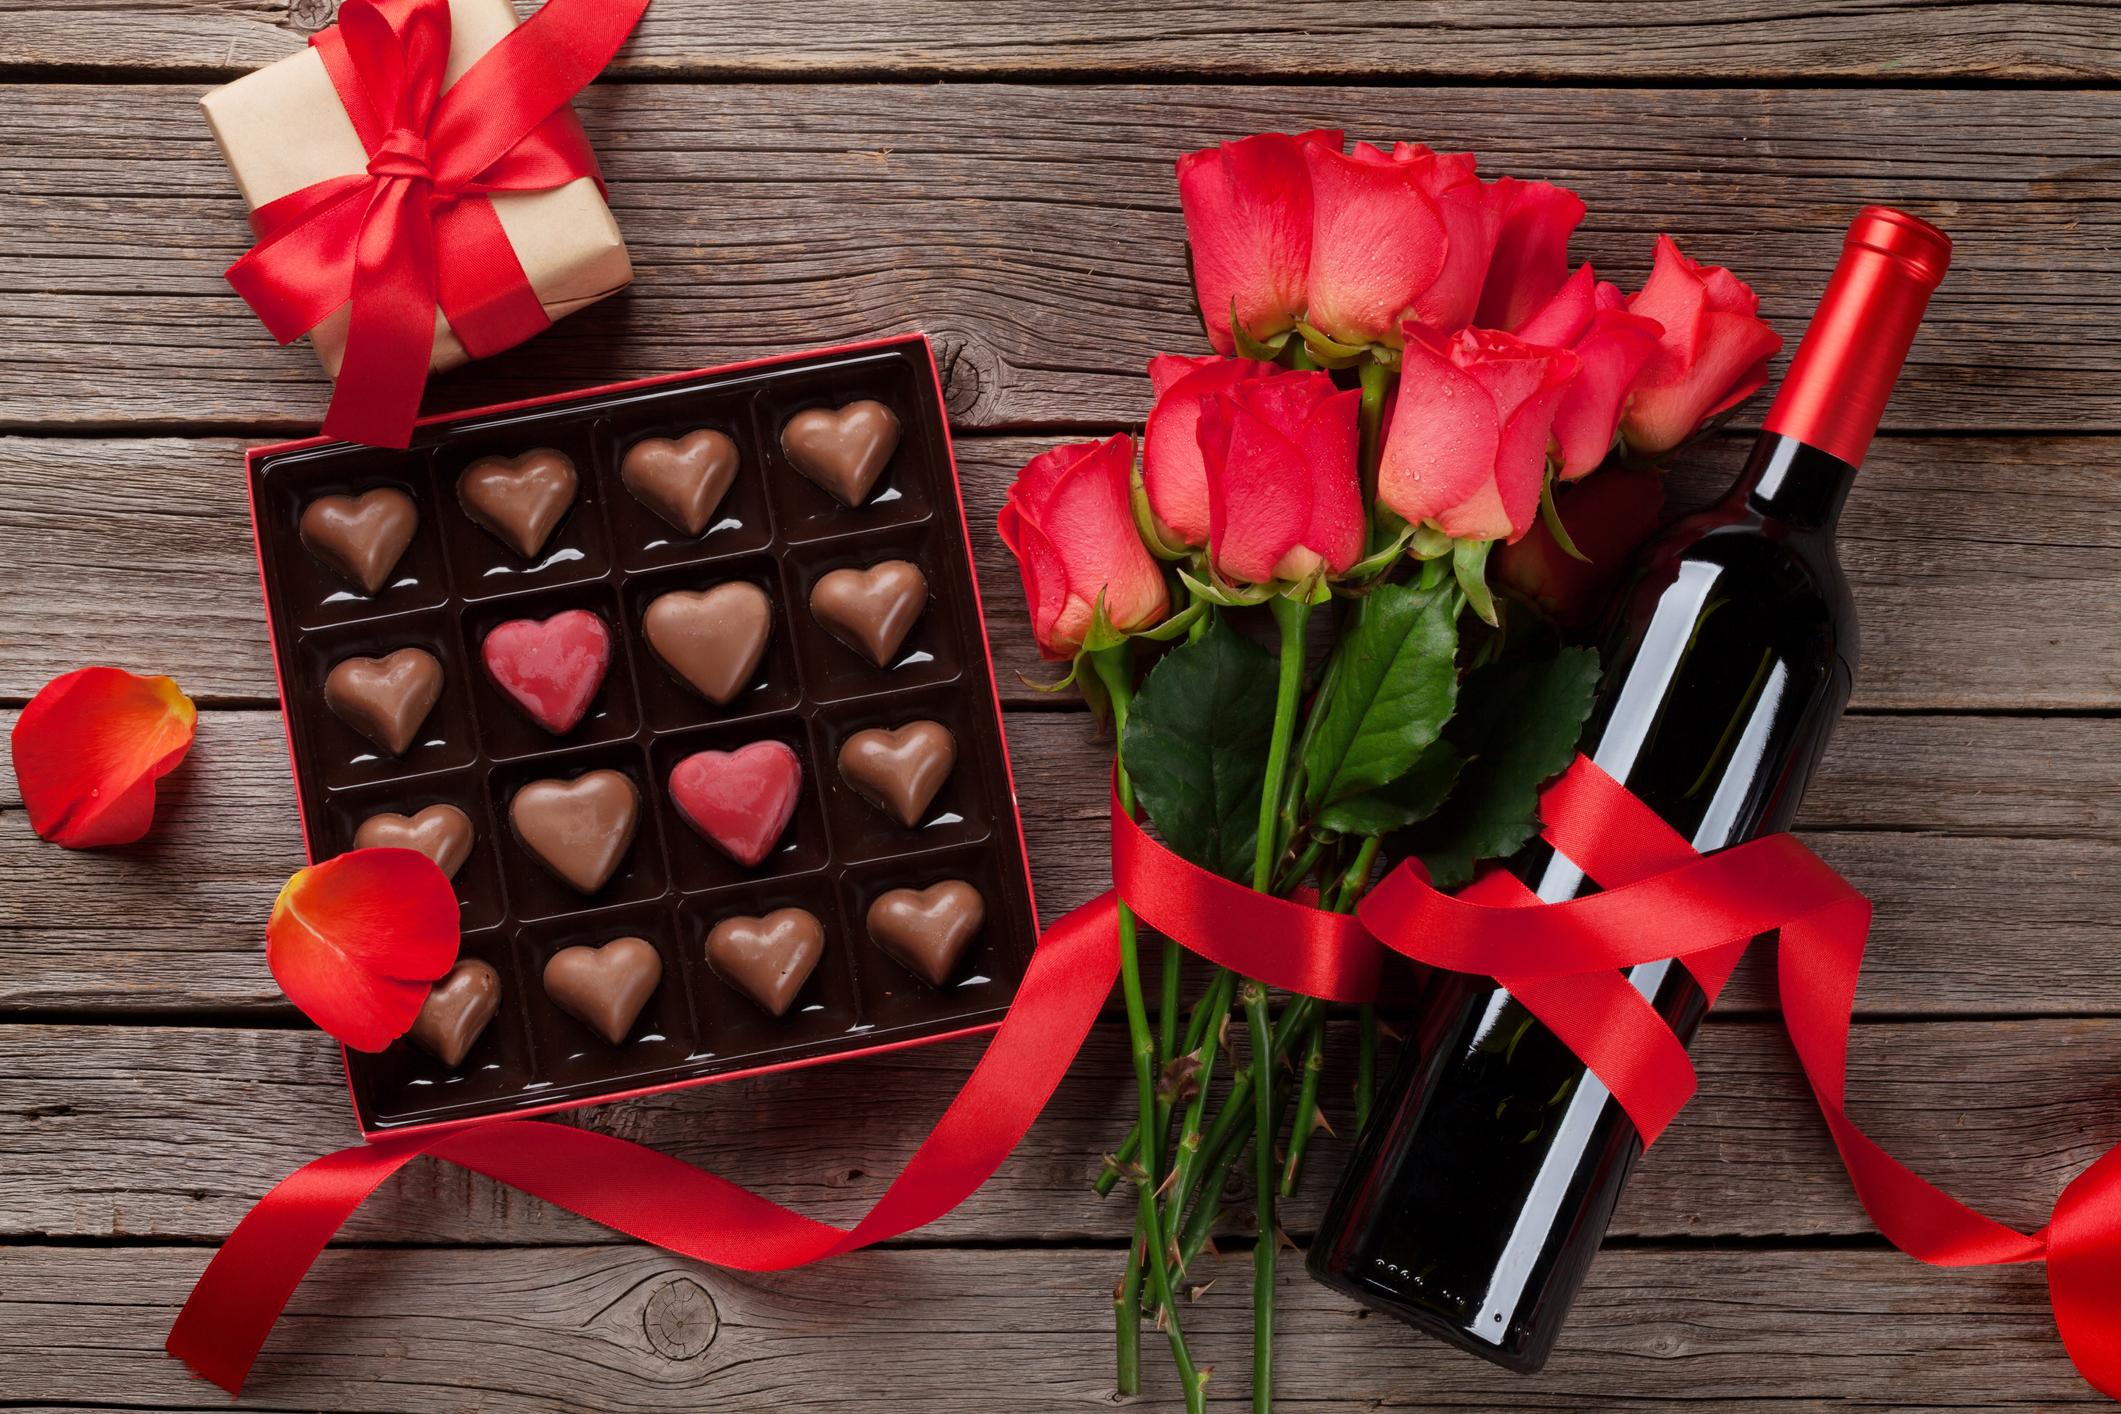 74c3b275571f5f Dicas | Ideias de Presentes Criativos para o Dia dos Namorados